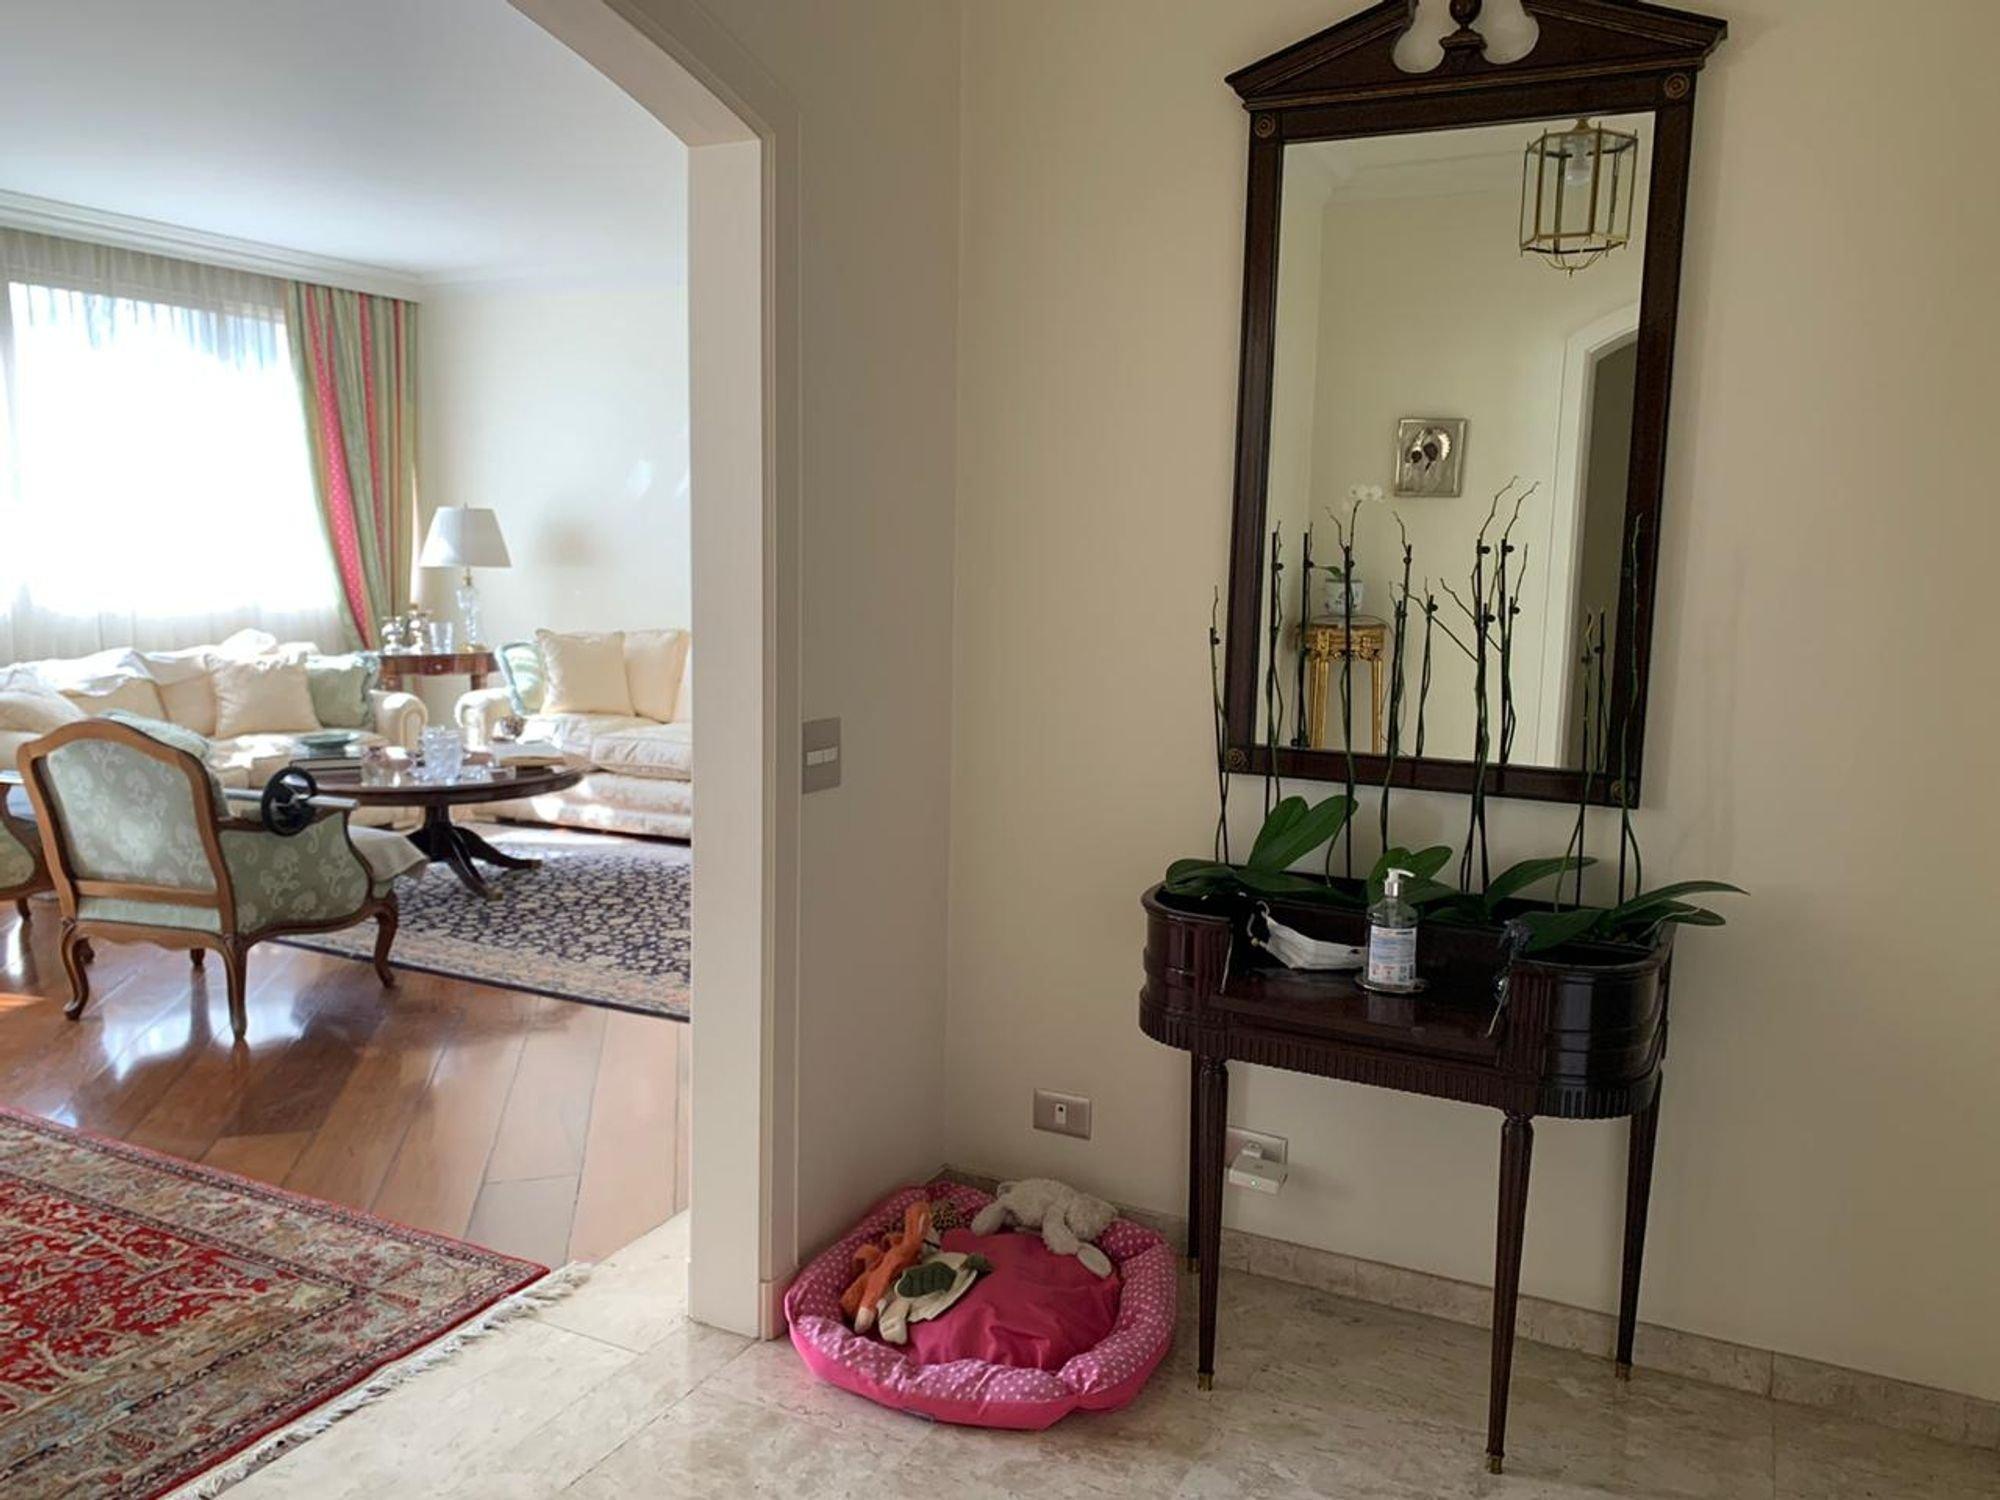 Foto de Corredor com vaso de planta, sofá, cadeira